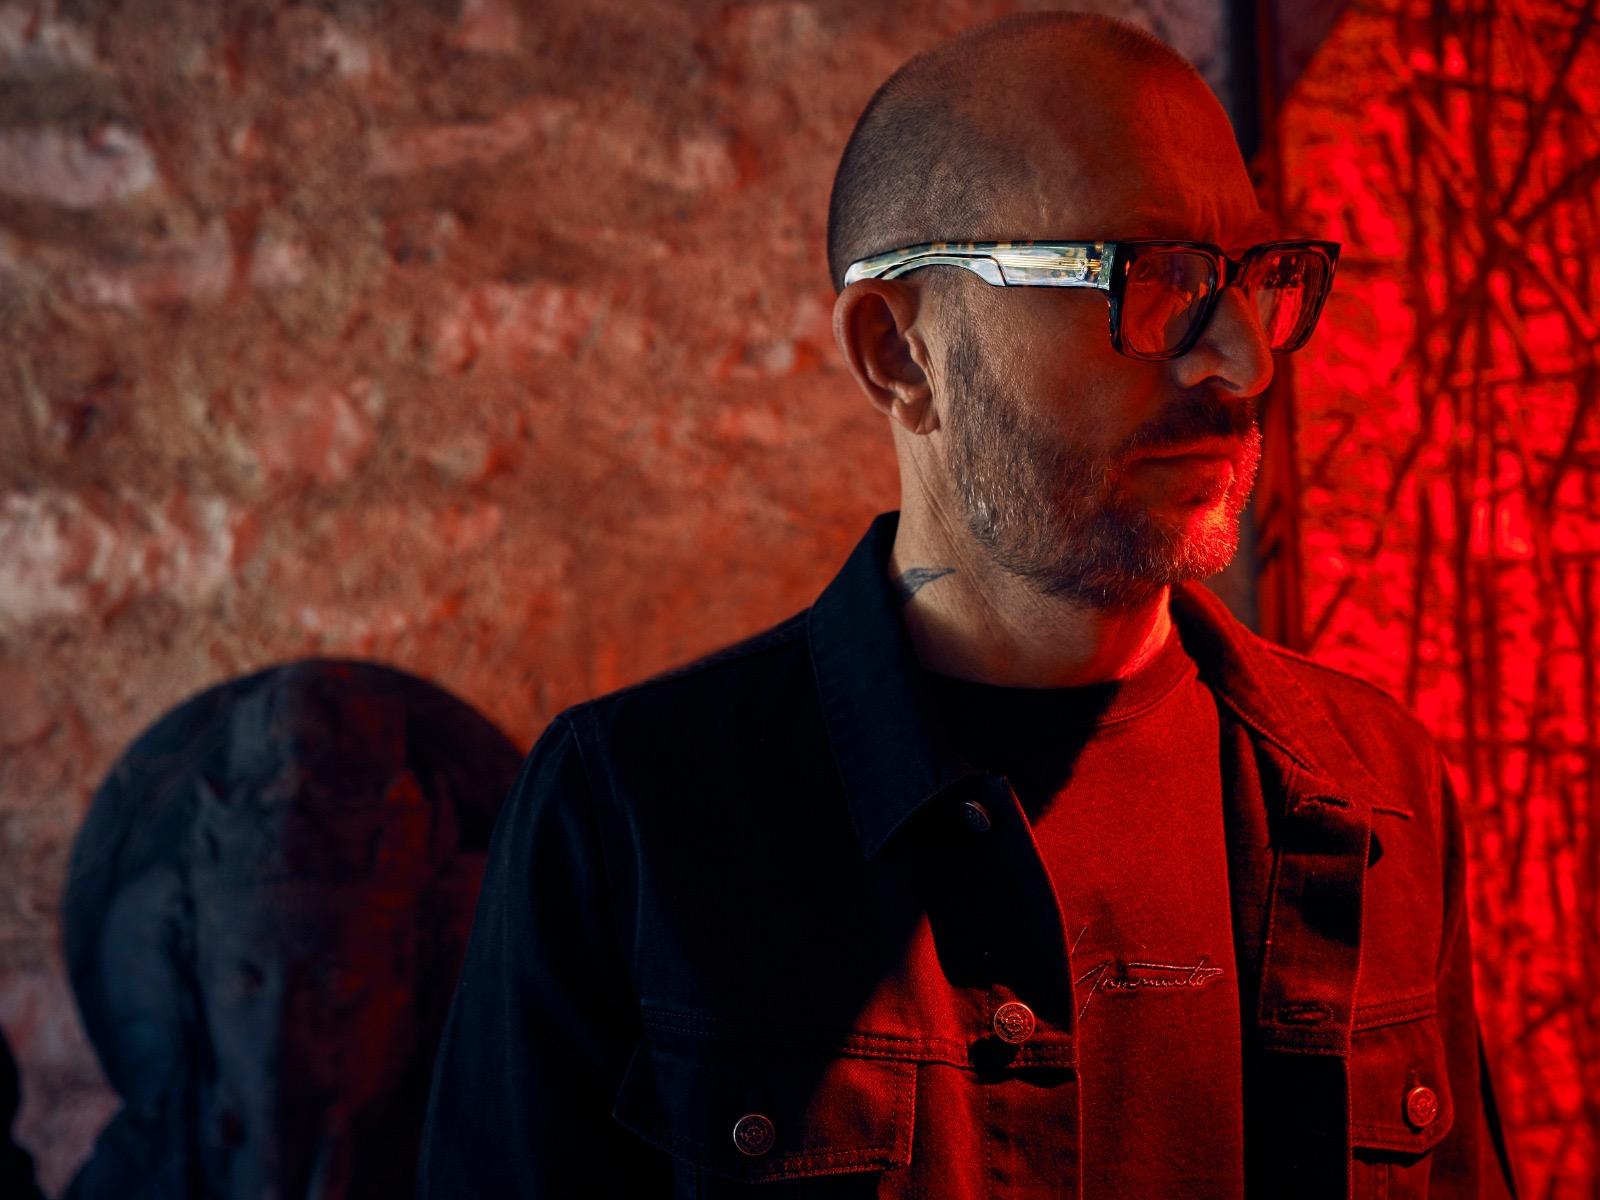 giacomo maiolini fondatore time records etichetta musicale di bob sinclair (2)